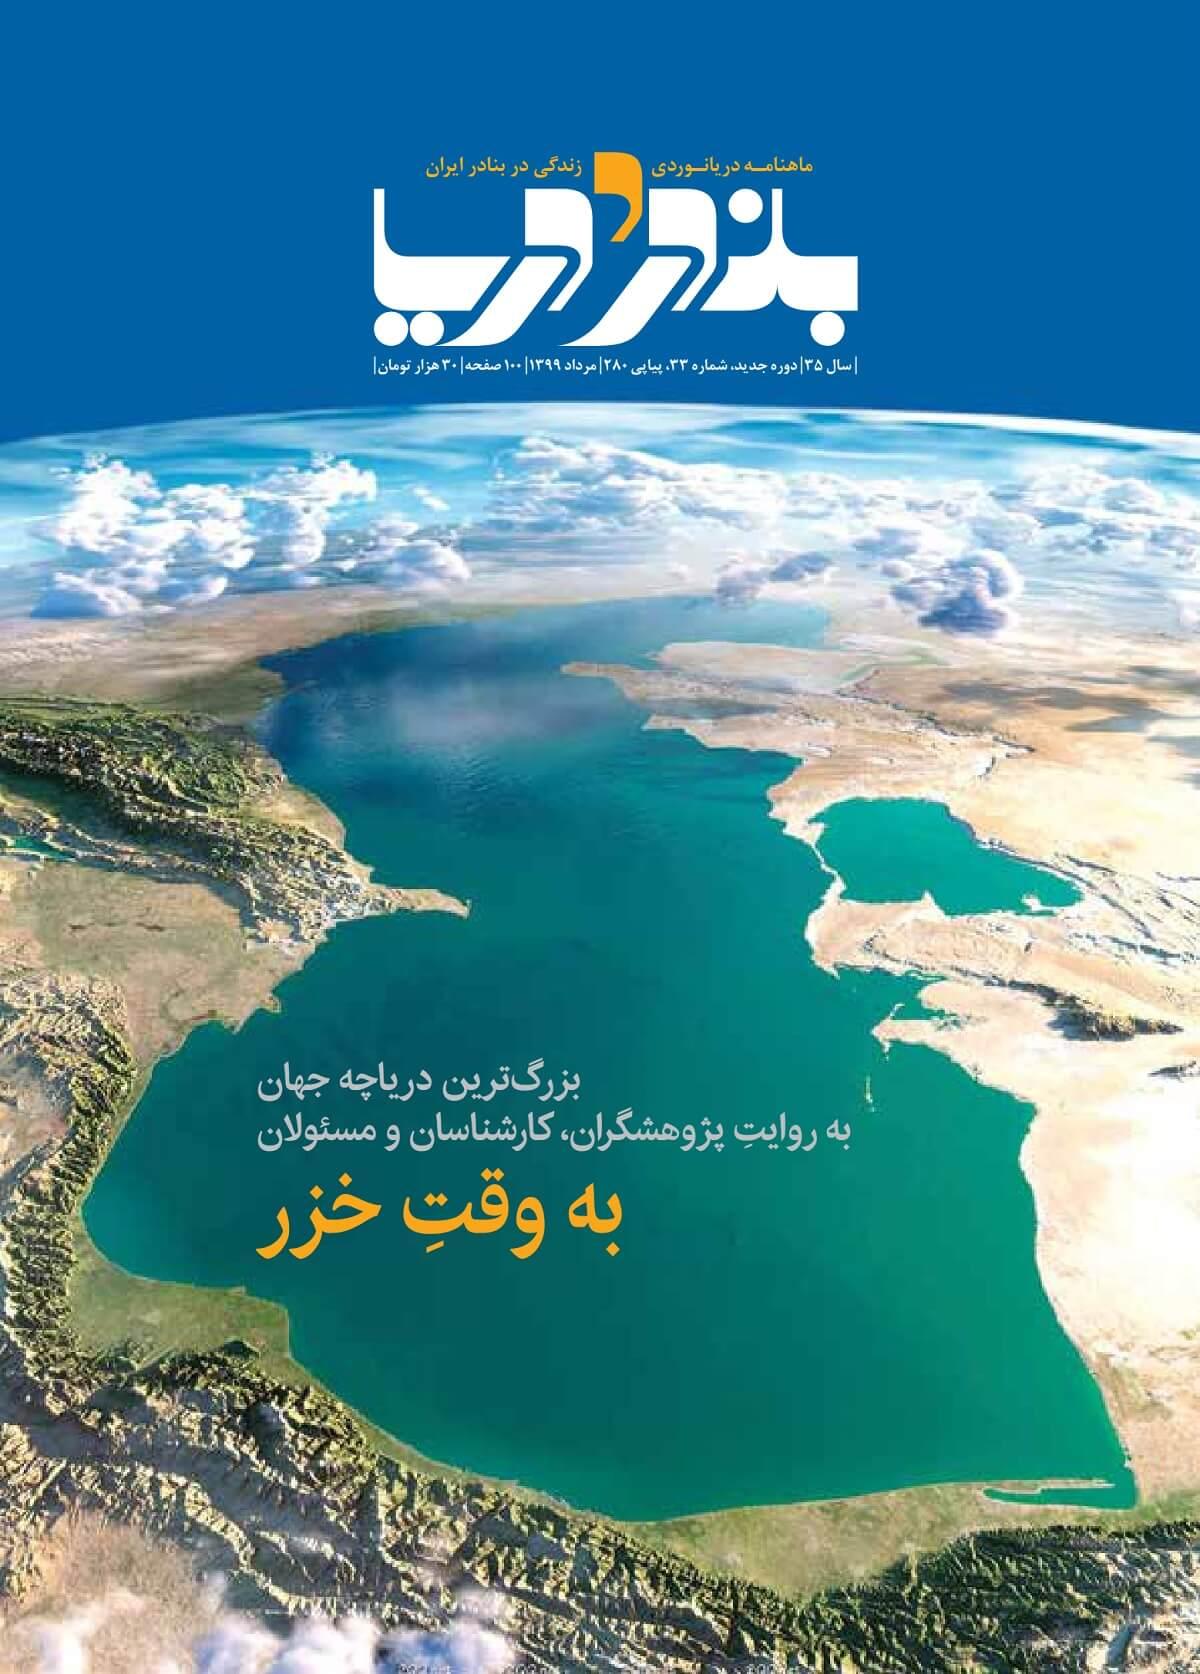 شماره 33 ماهنامه بندر و دریا منتشر شد